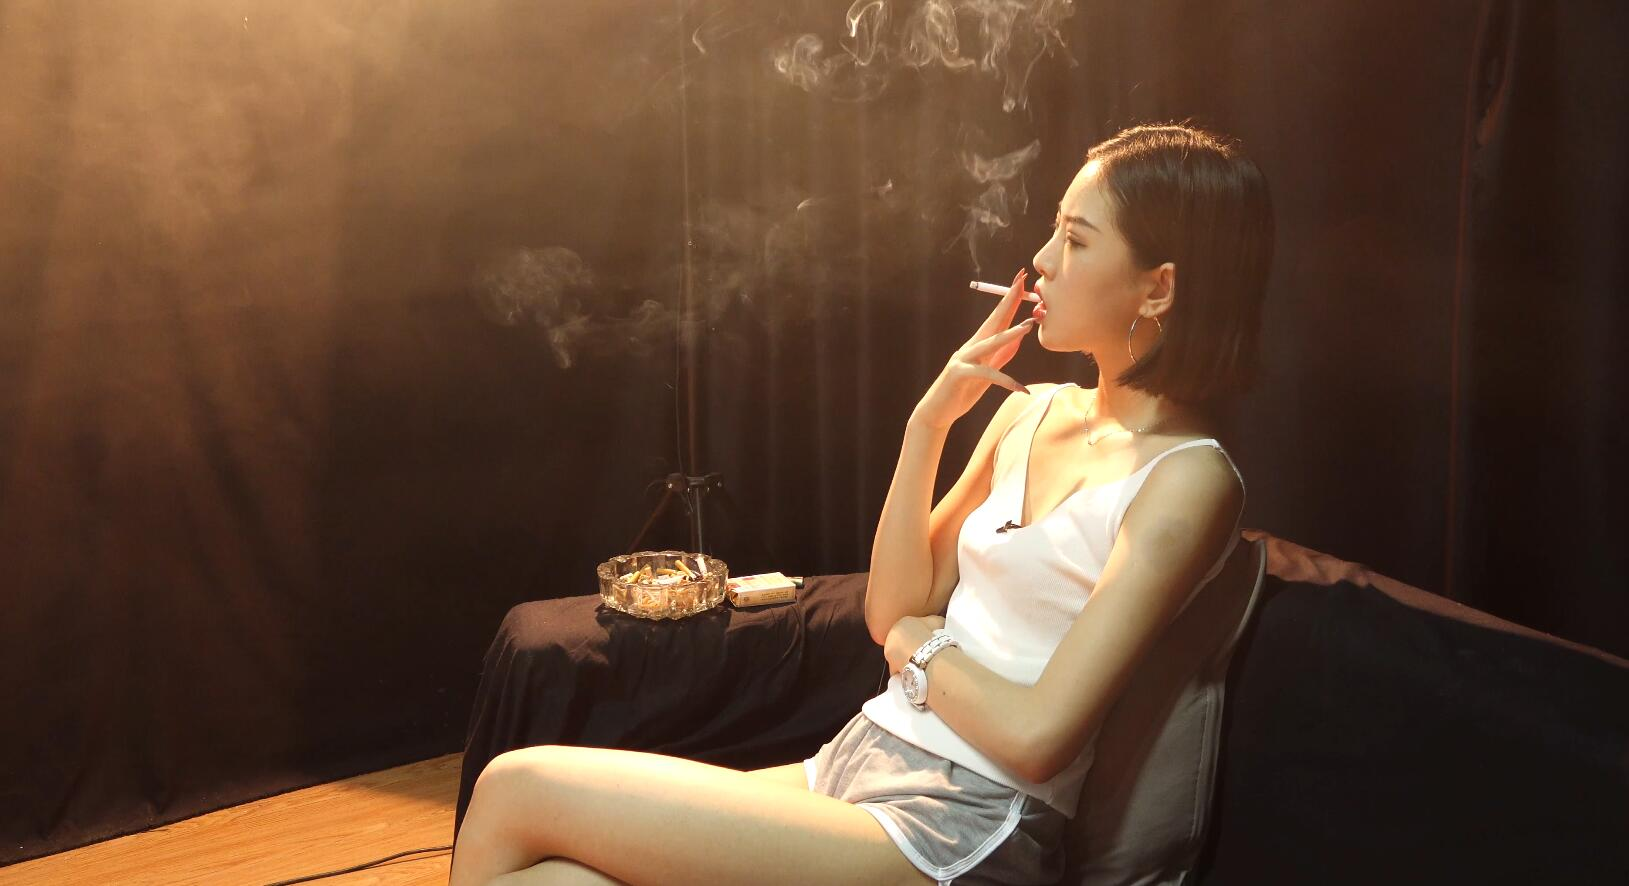 极品萌妹子拽气抽烟[MP4/1.25GB/度盘/GoogleDrive]